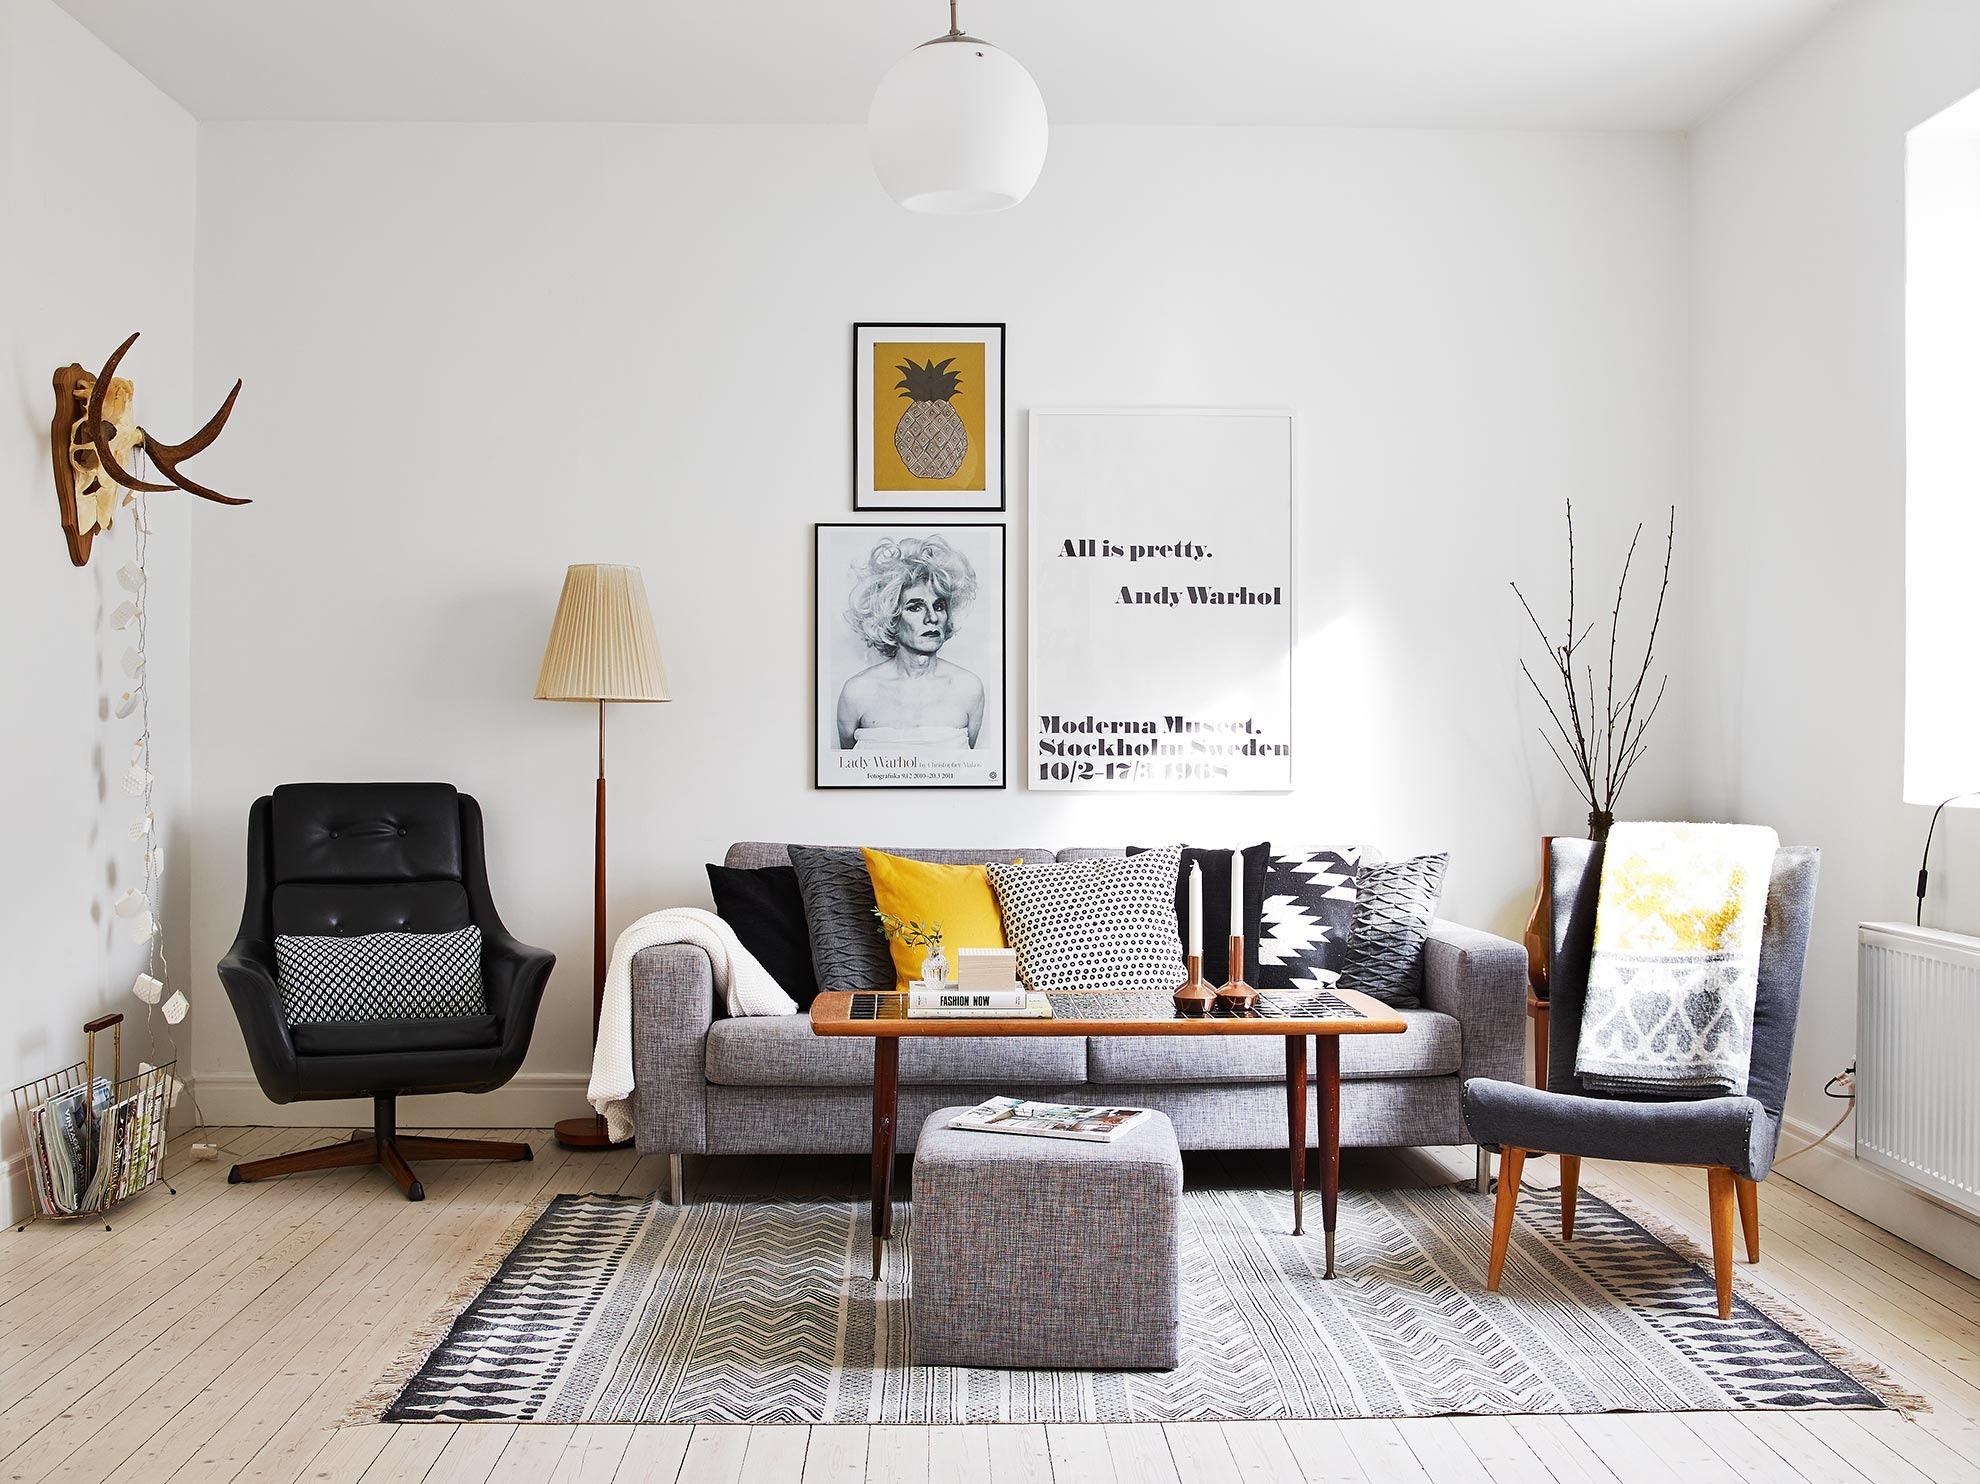 Decoraci n de interiores en color amarillo blog de dsigno - Videos de decoracion de interiores ...